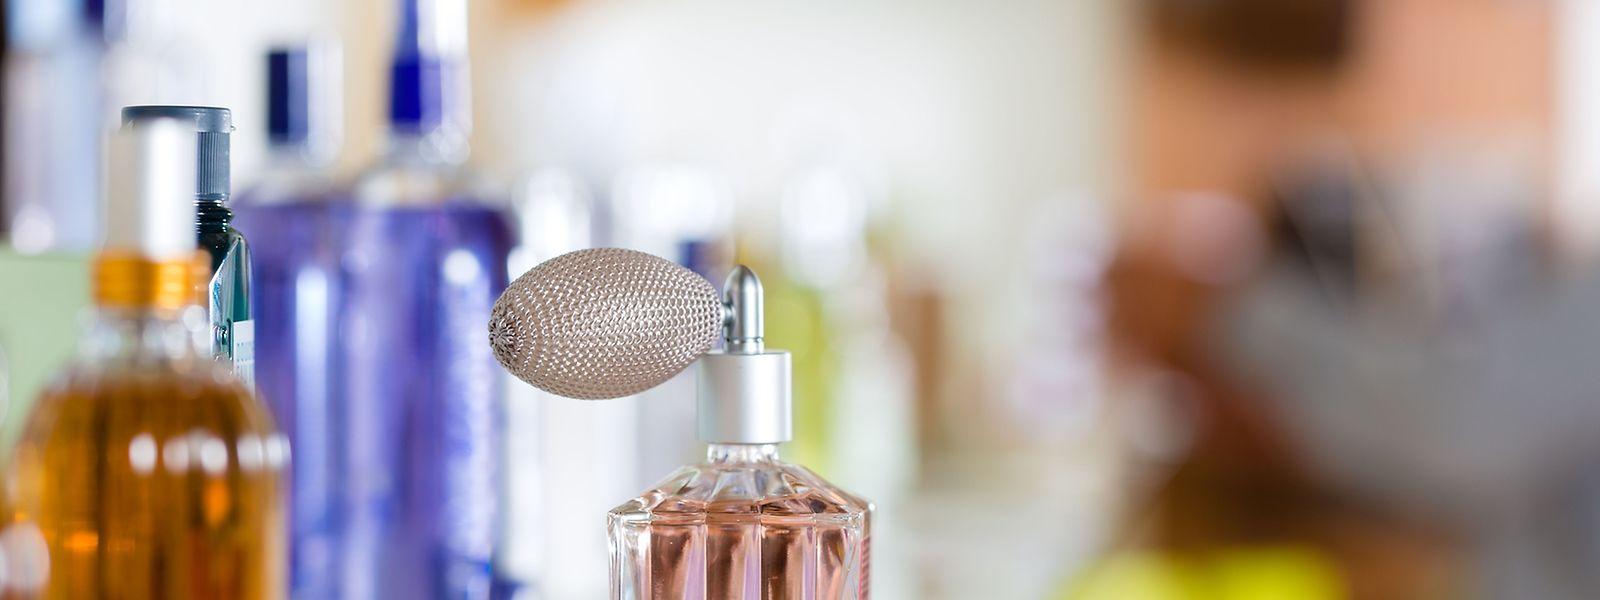 Nur die wenigsten Neuerscheinungen können sich auf dem Parfummarkt behaupten.